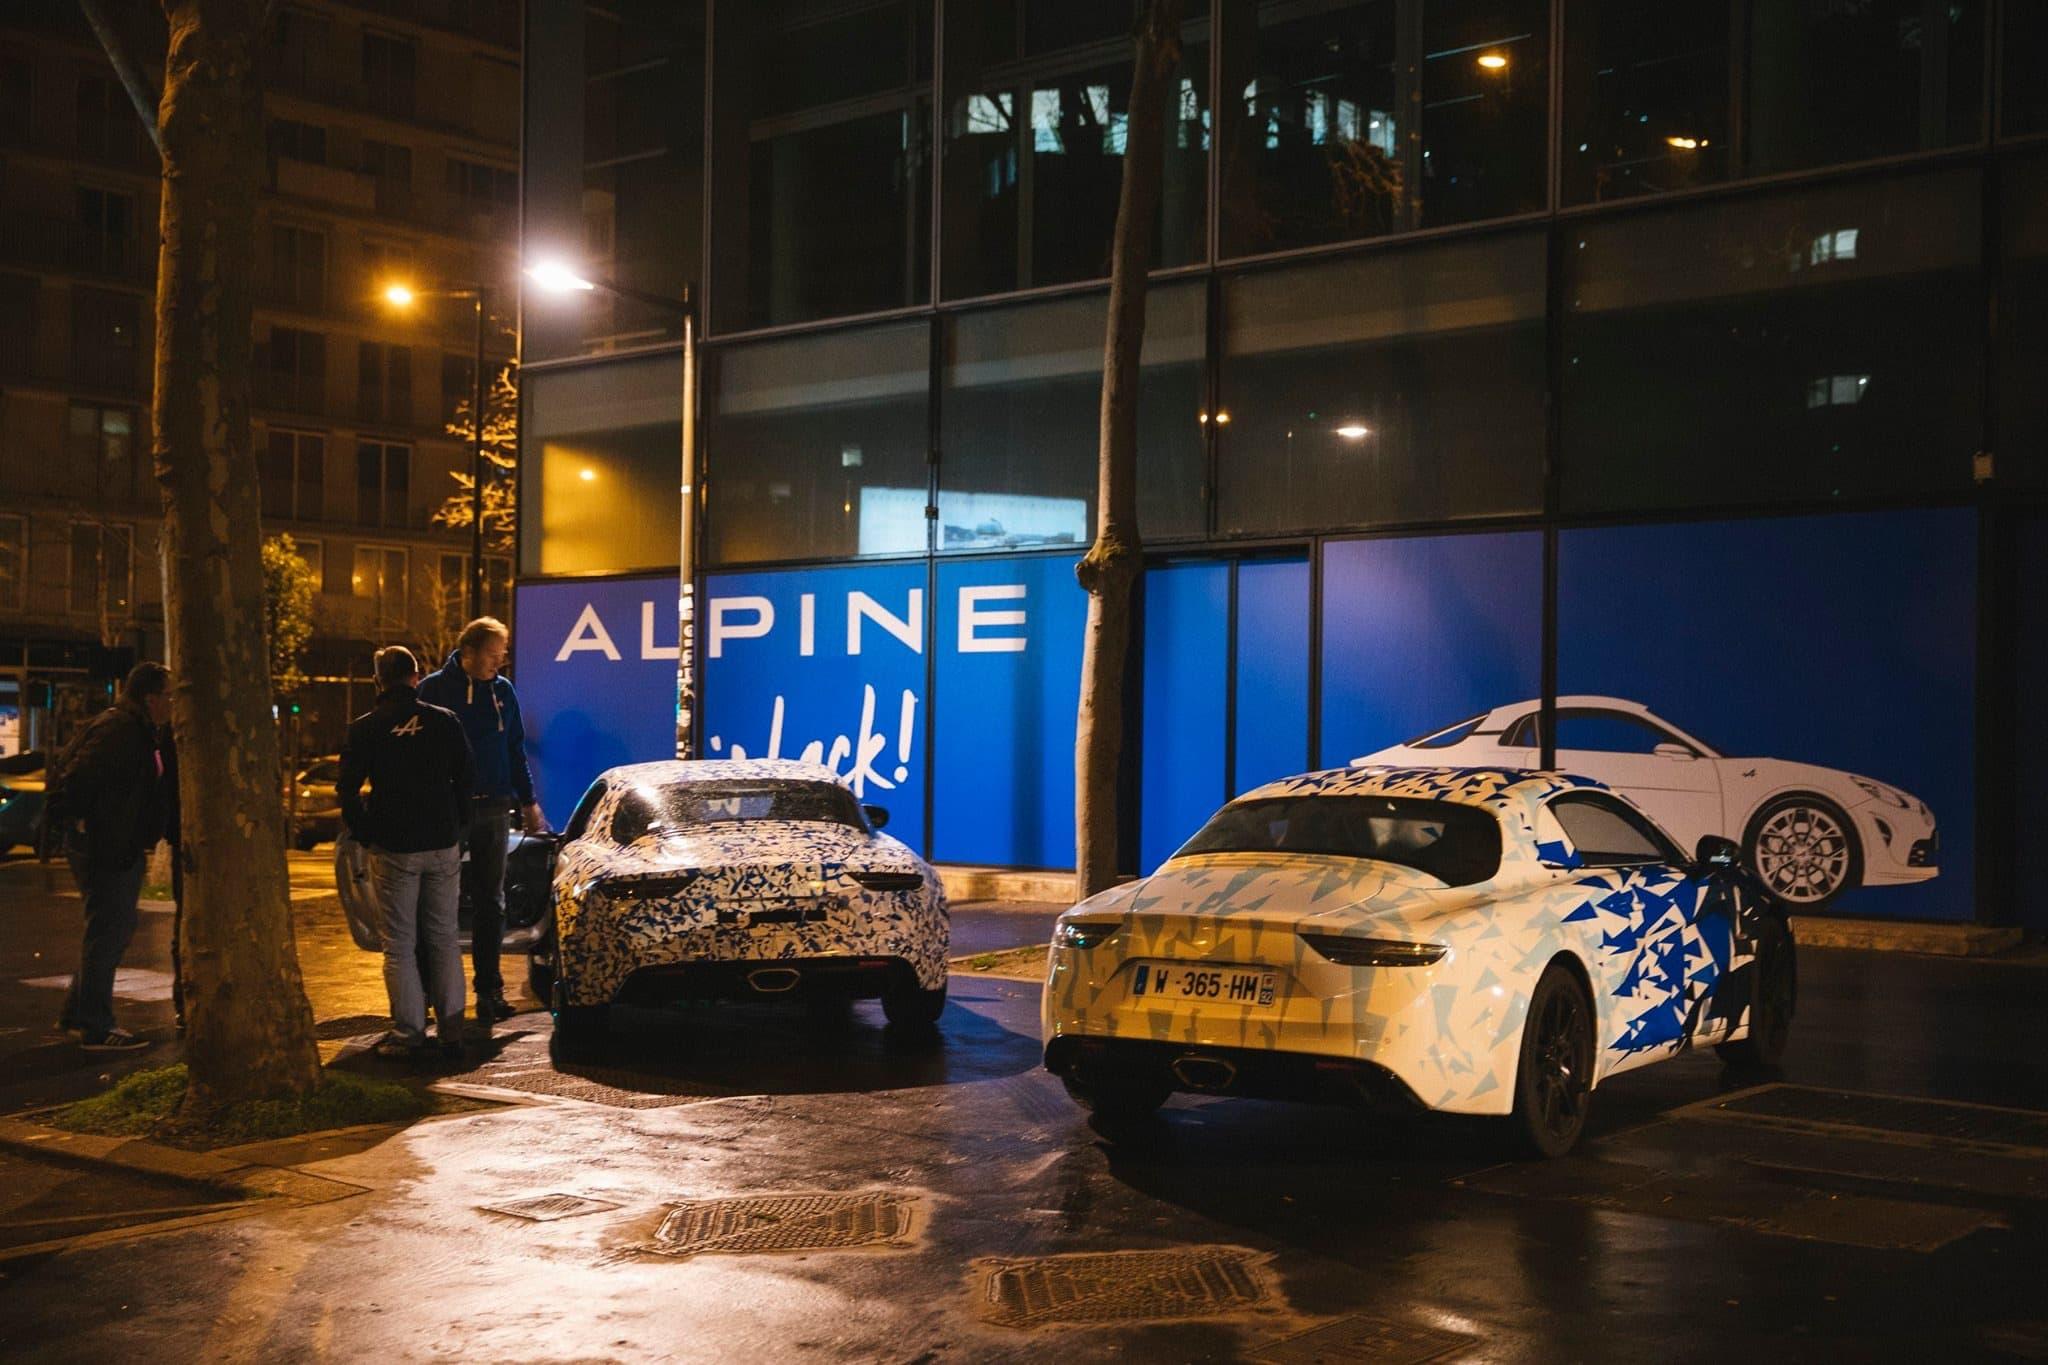 Alpine AS110 A110 Viree nocturne showroom 7 fevrier 2017 Team 7 | Interview d'Antony Villain, directeur du Design Alpine, au salon de Genève 2017